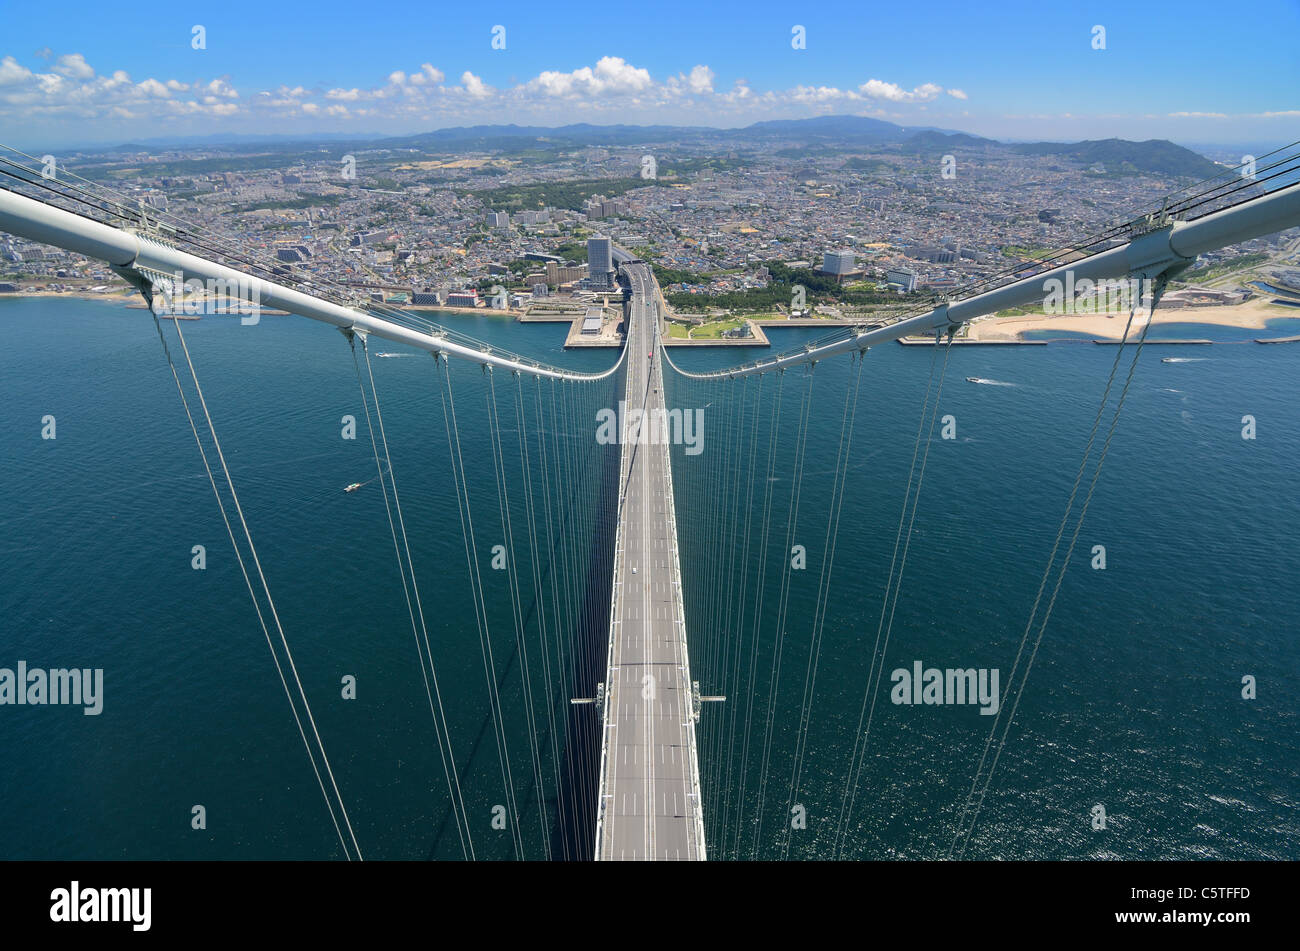 Puente Akashi Kaikyo en Kobe, Japón, visto desde casi 300 metros de altura. Foto de stock